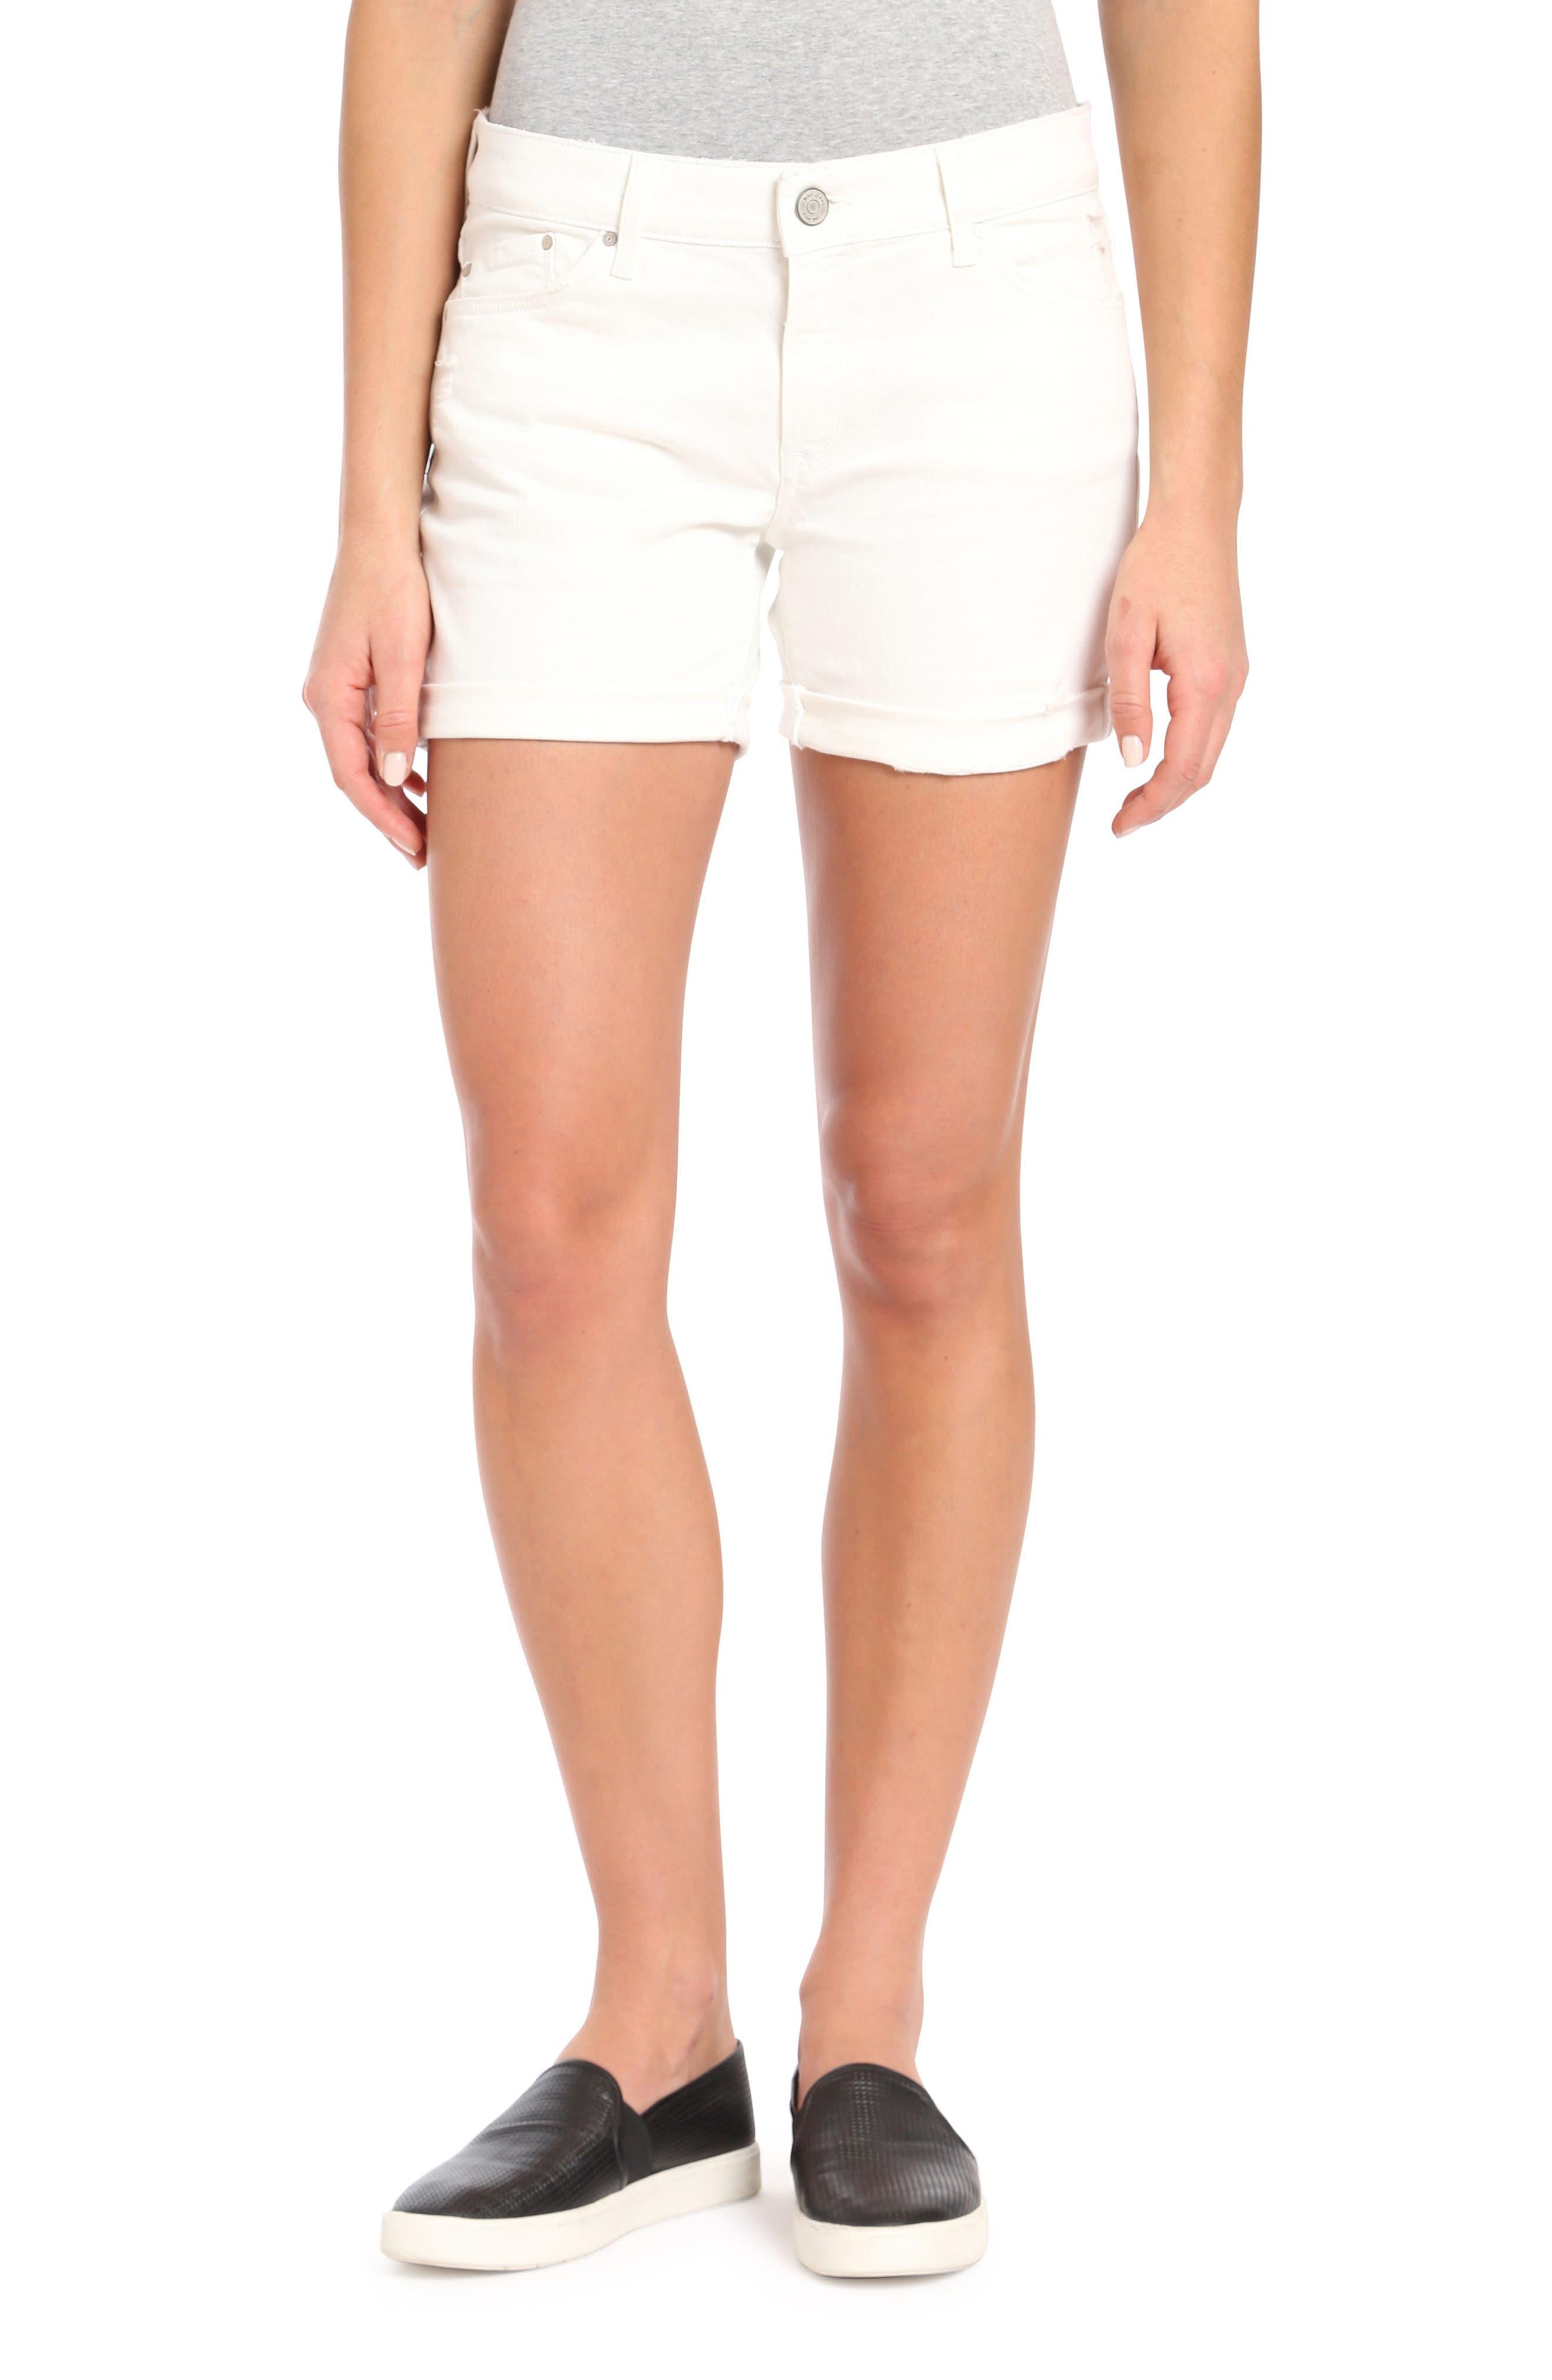 MAVI JEANS, Pixie Ripped Denim Shorts, Main thumbnail 1, color, WHITE RIPPED NOLITA